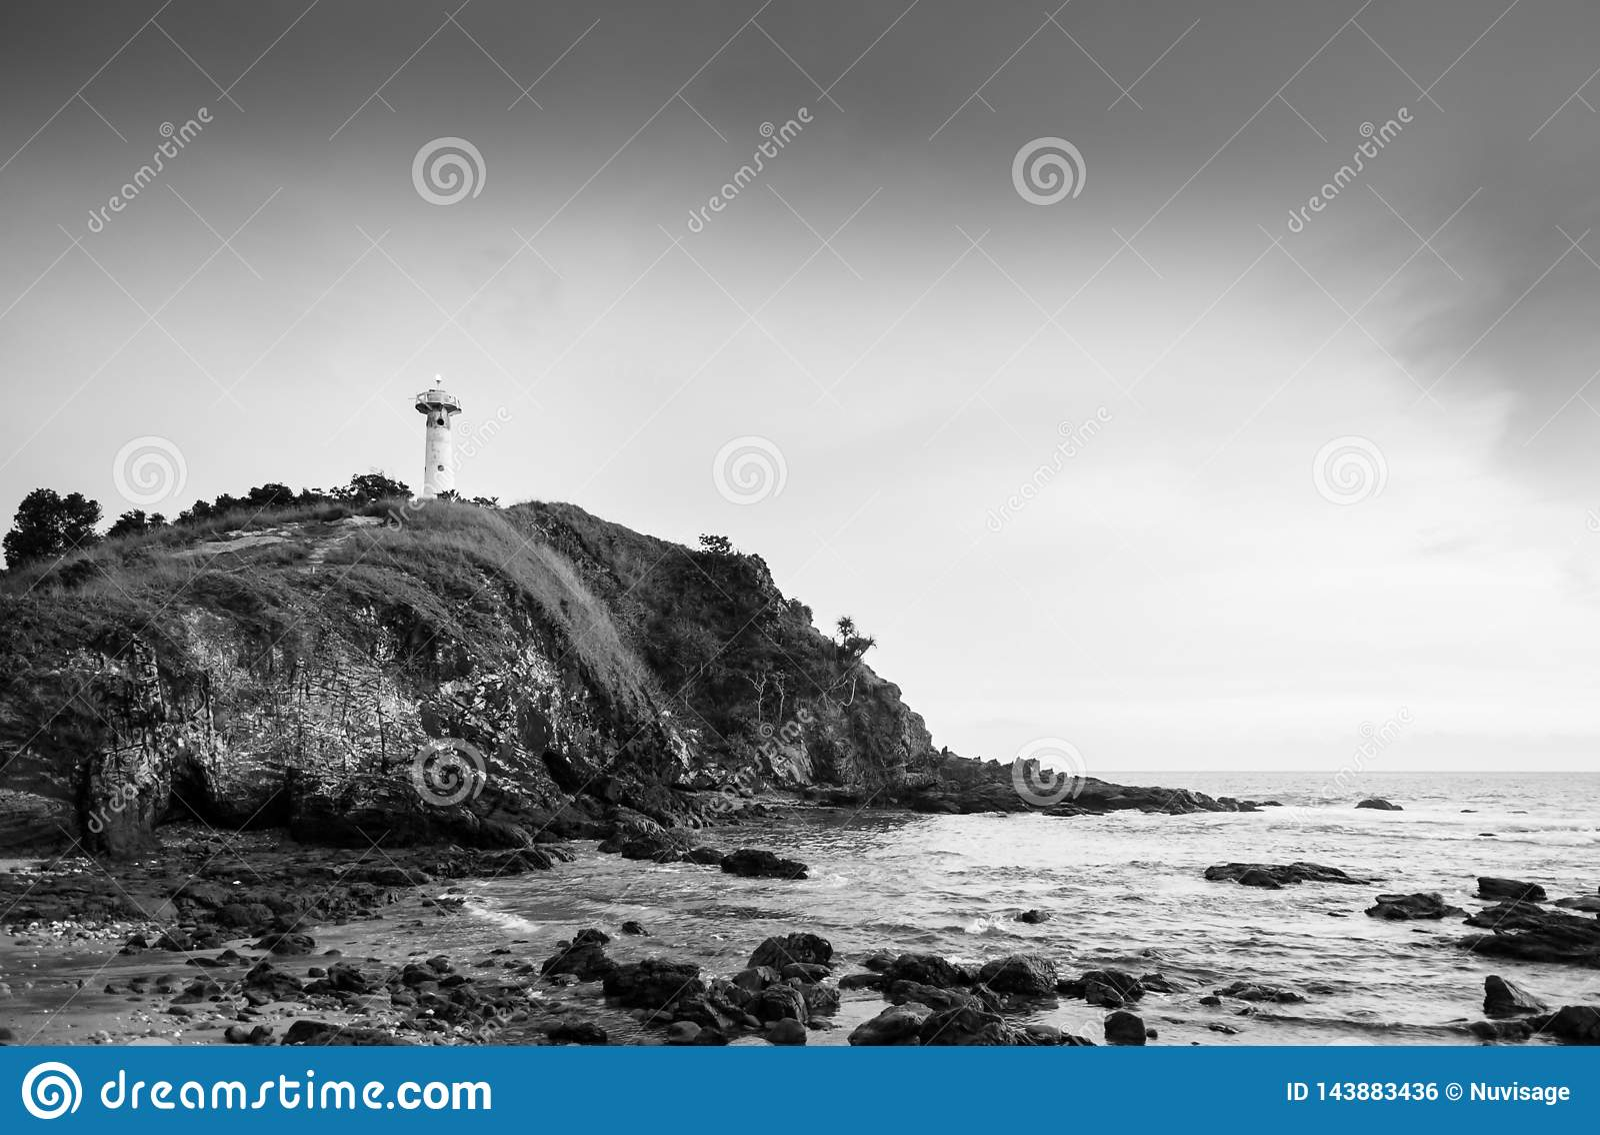 灯塔和岩石海滩在Laem Tanod海角酸值朗塔,甲米府,泰国黑白照片